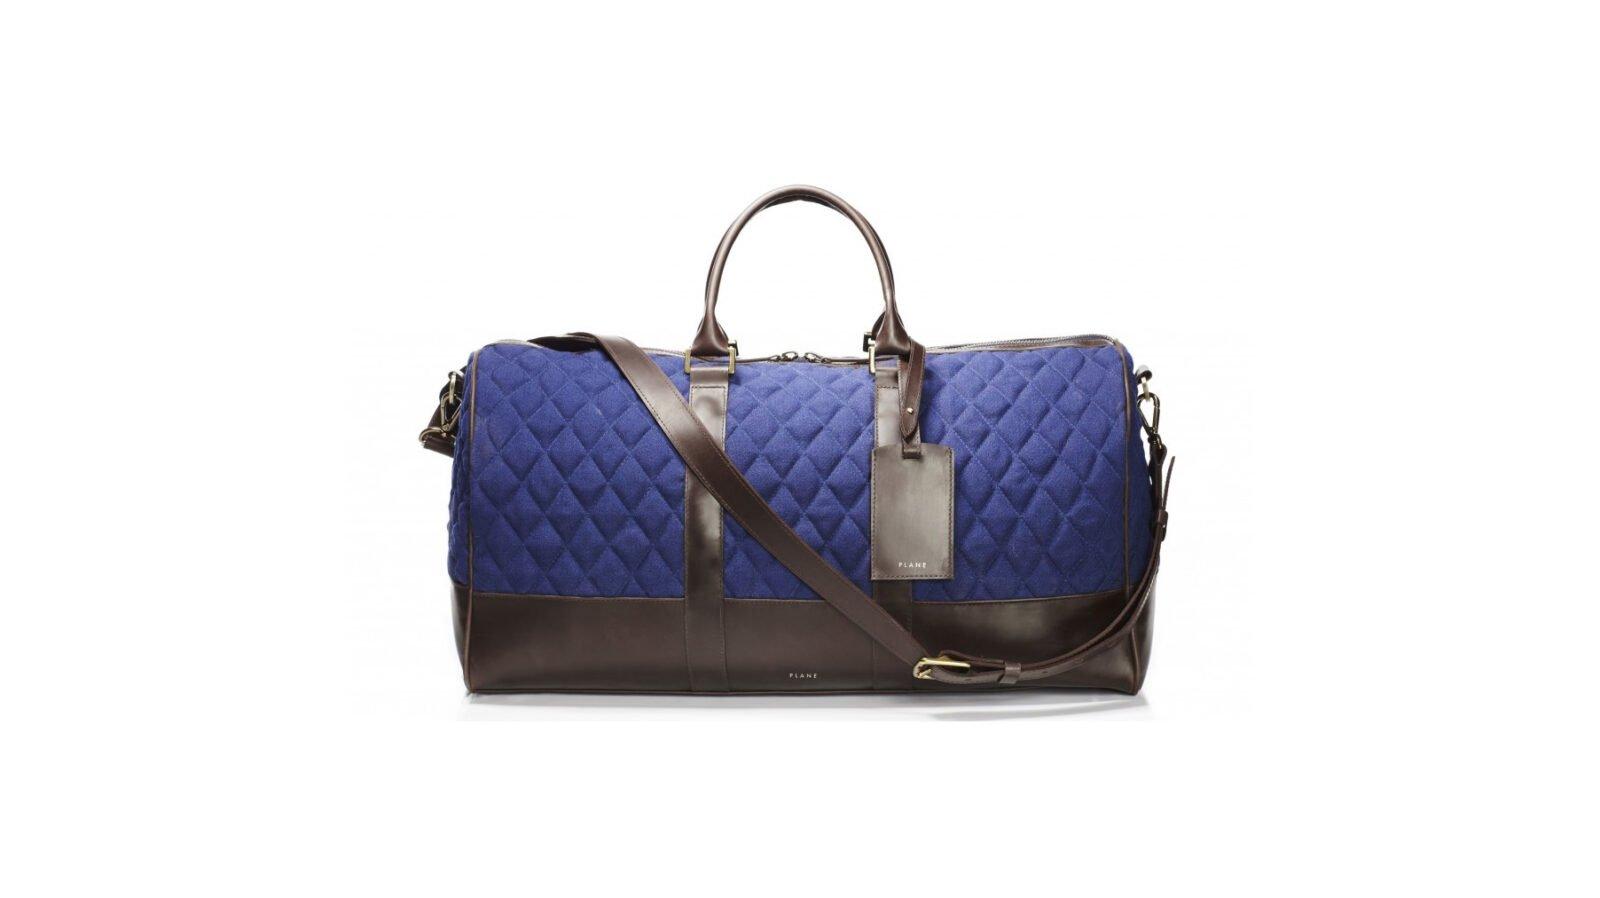 Plane Weekend Bag 1 1600x898 - Plane Weekend Bag